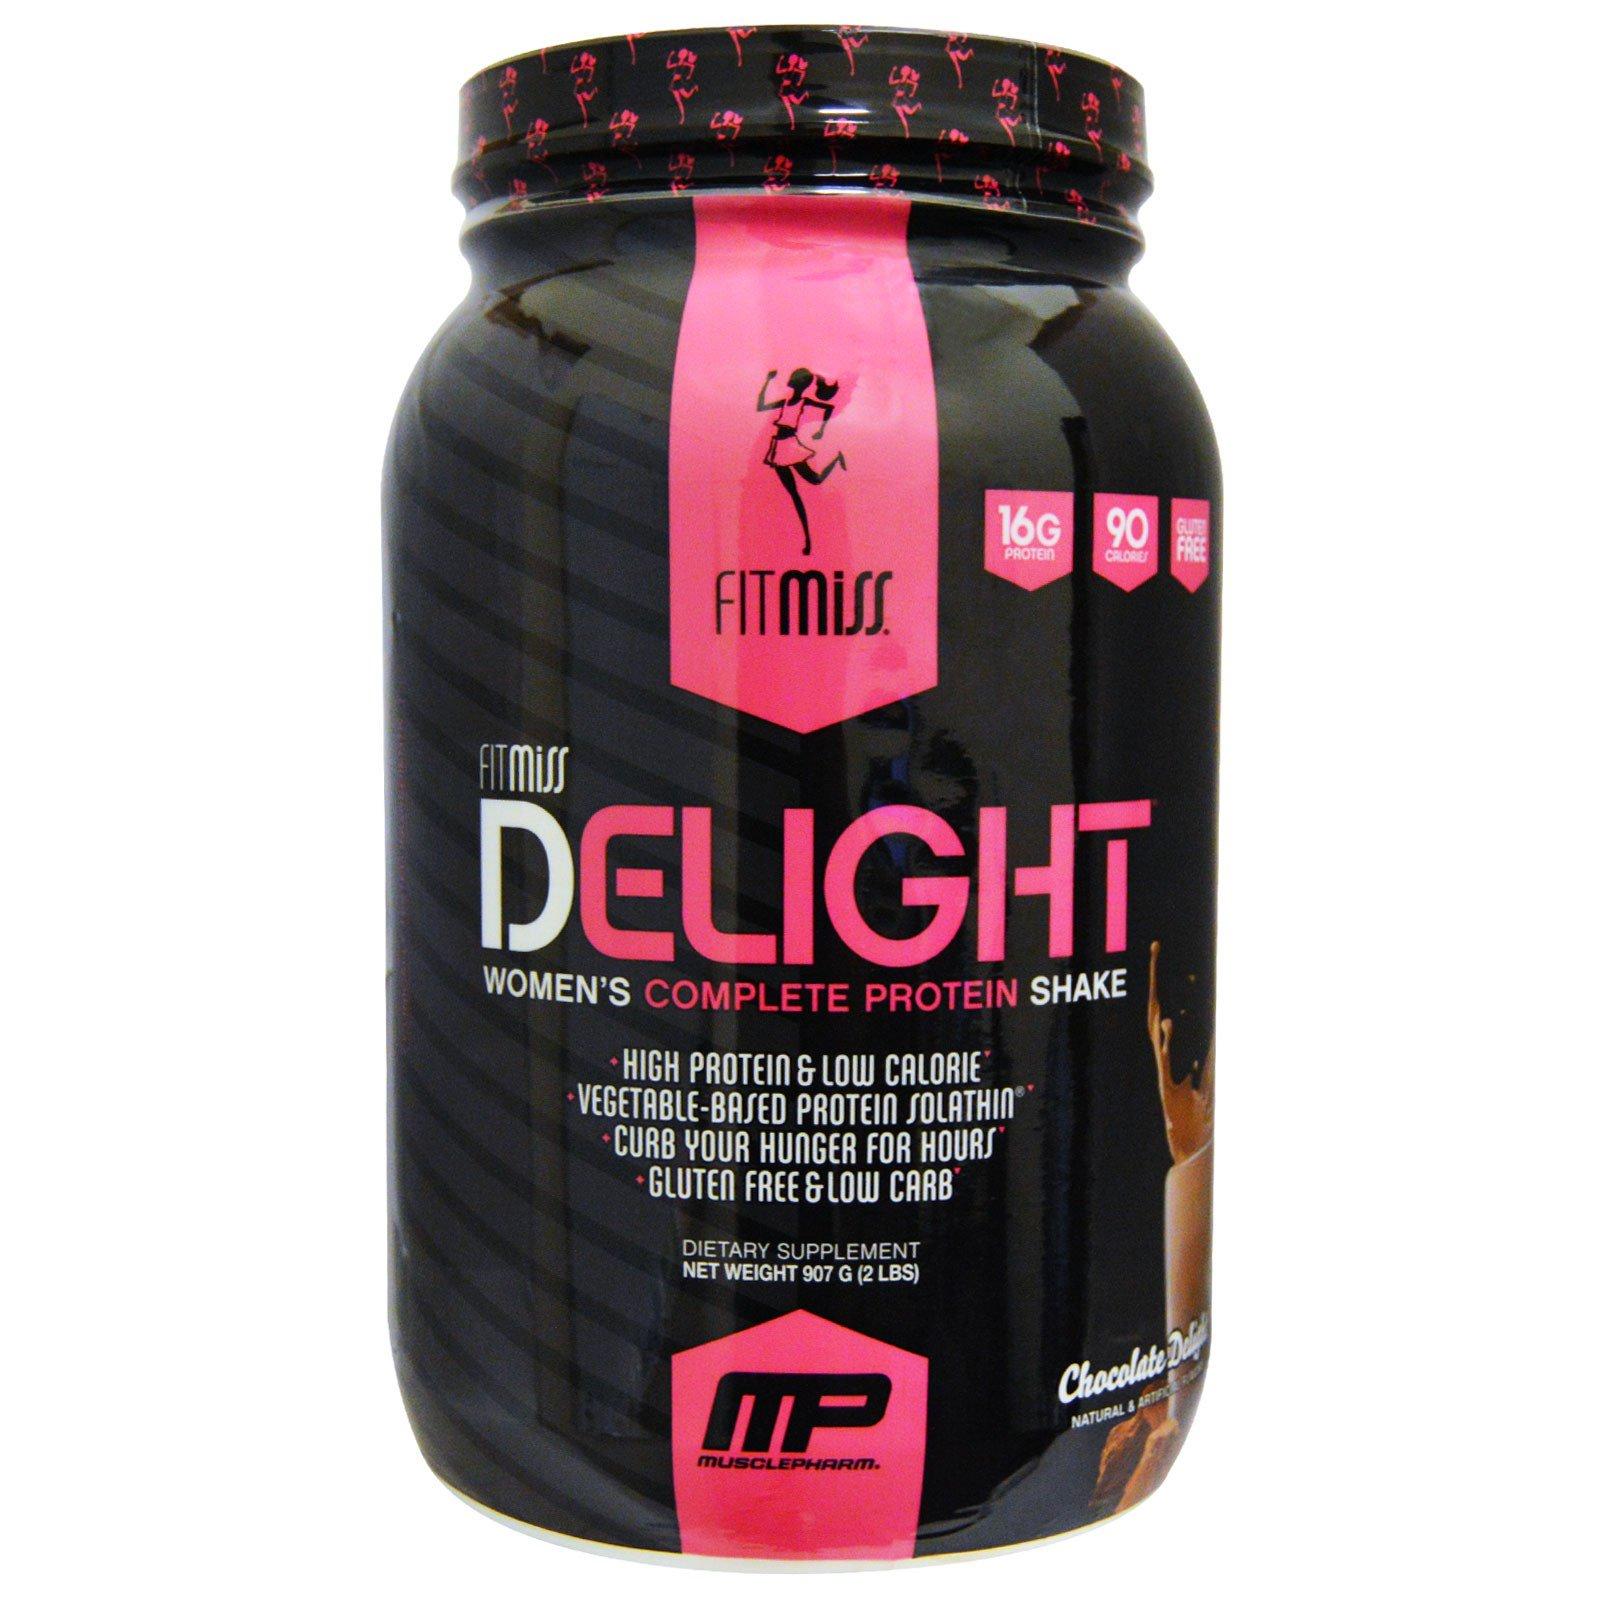 Fitmiss Delight مشروب البروتين الكامل للنساء متعة الشوكولا 2 رطل 907 غ Iherb